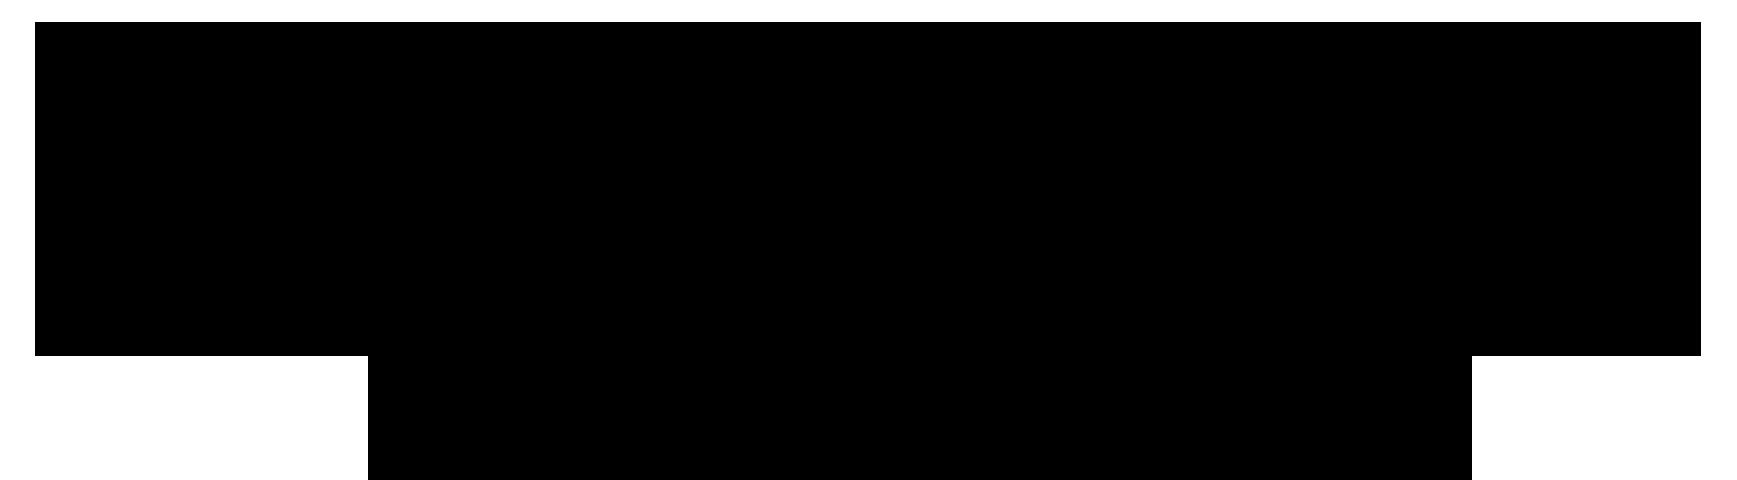 Feramolli